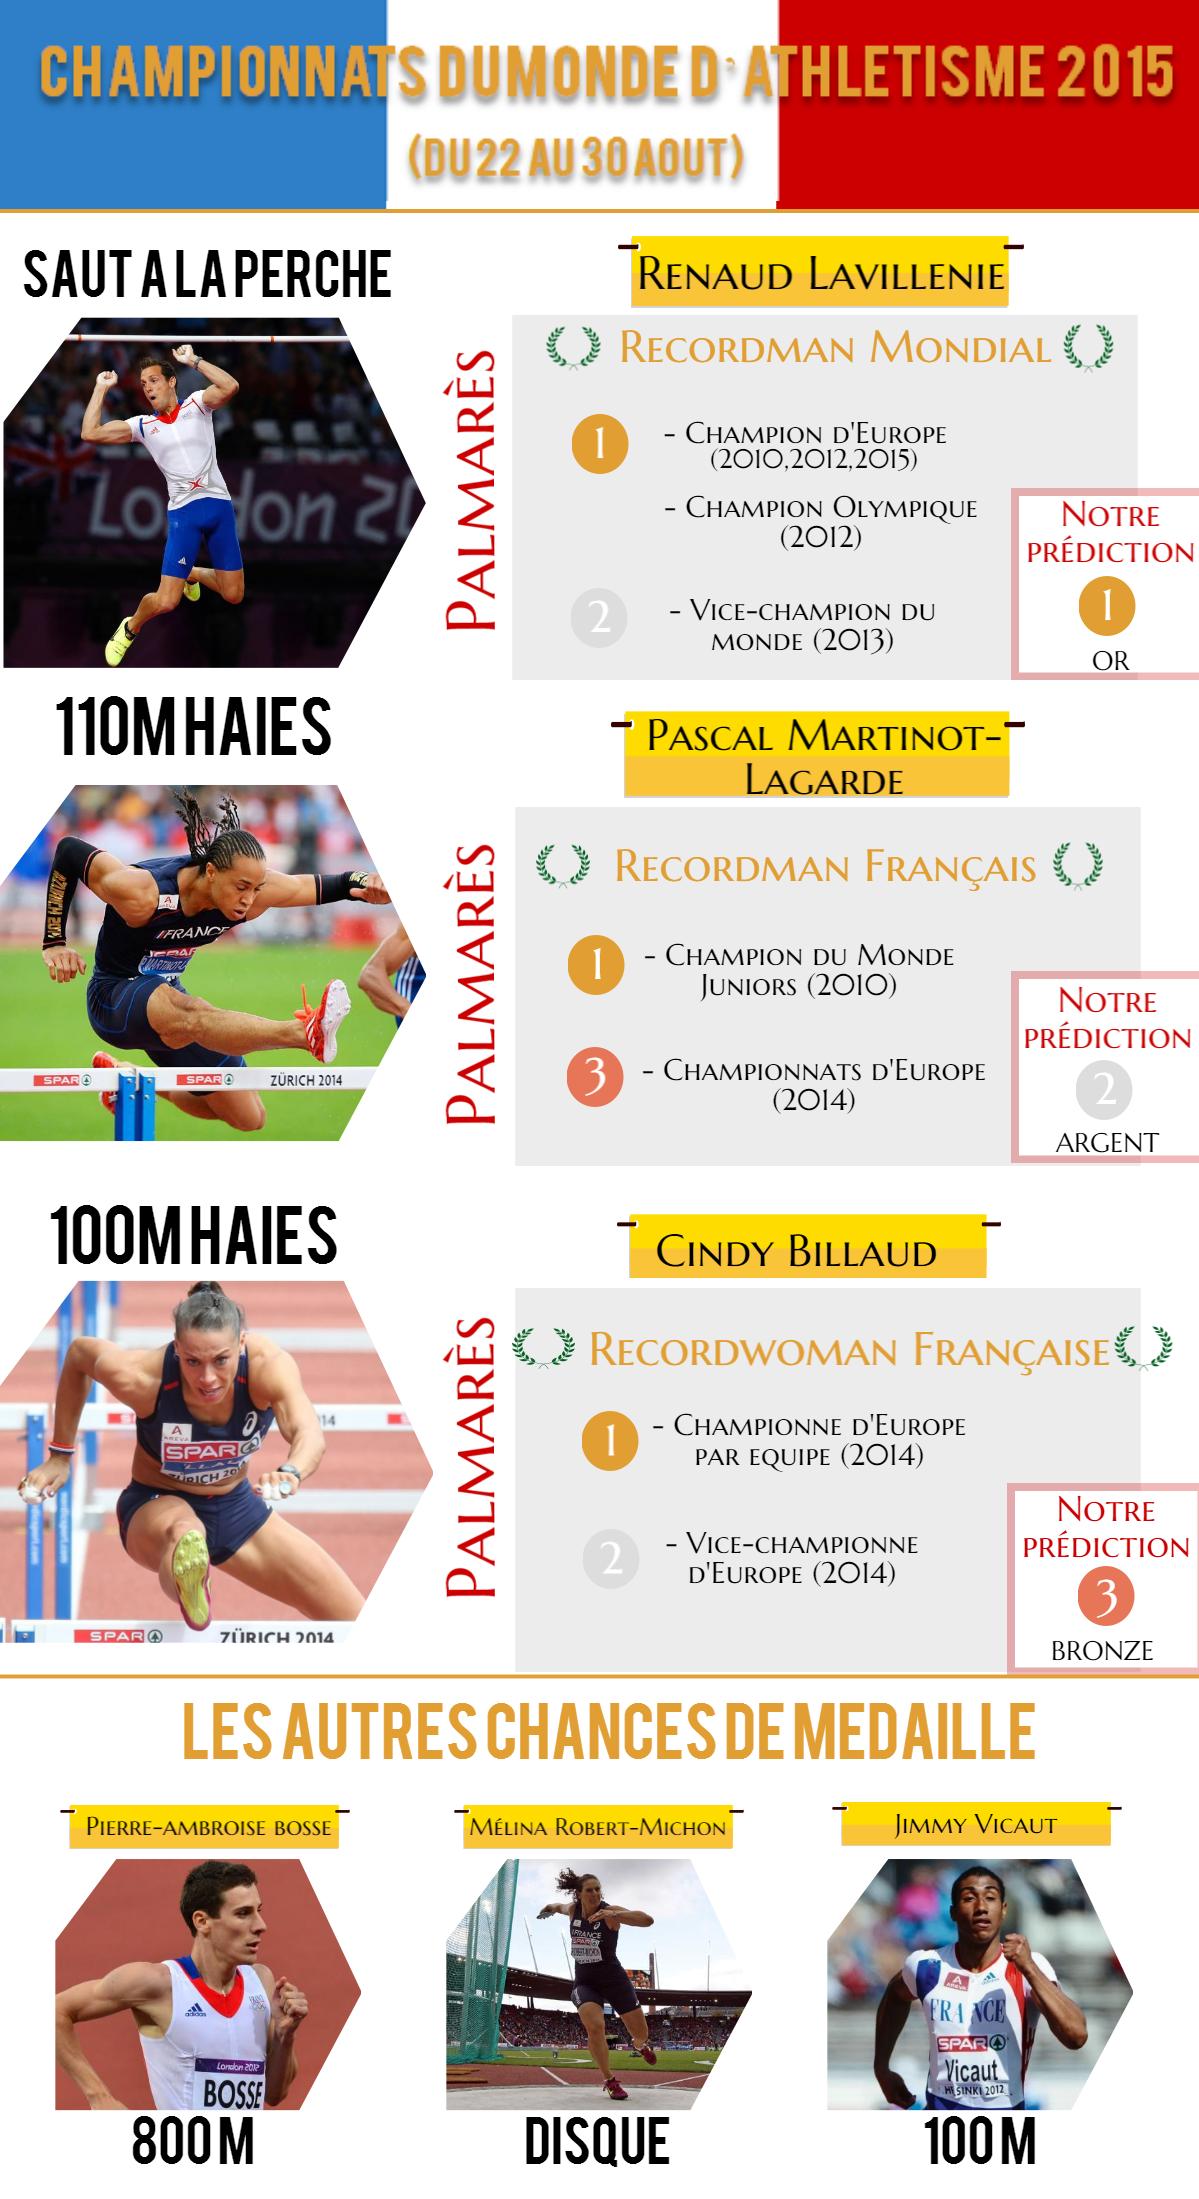 infographie athlétisme mondiaux 2015